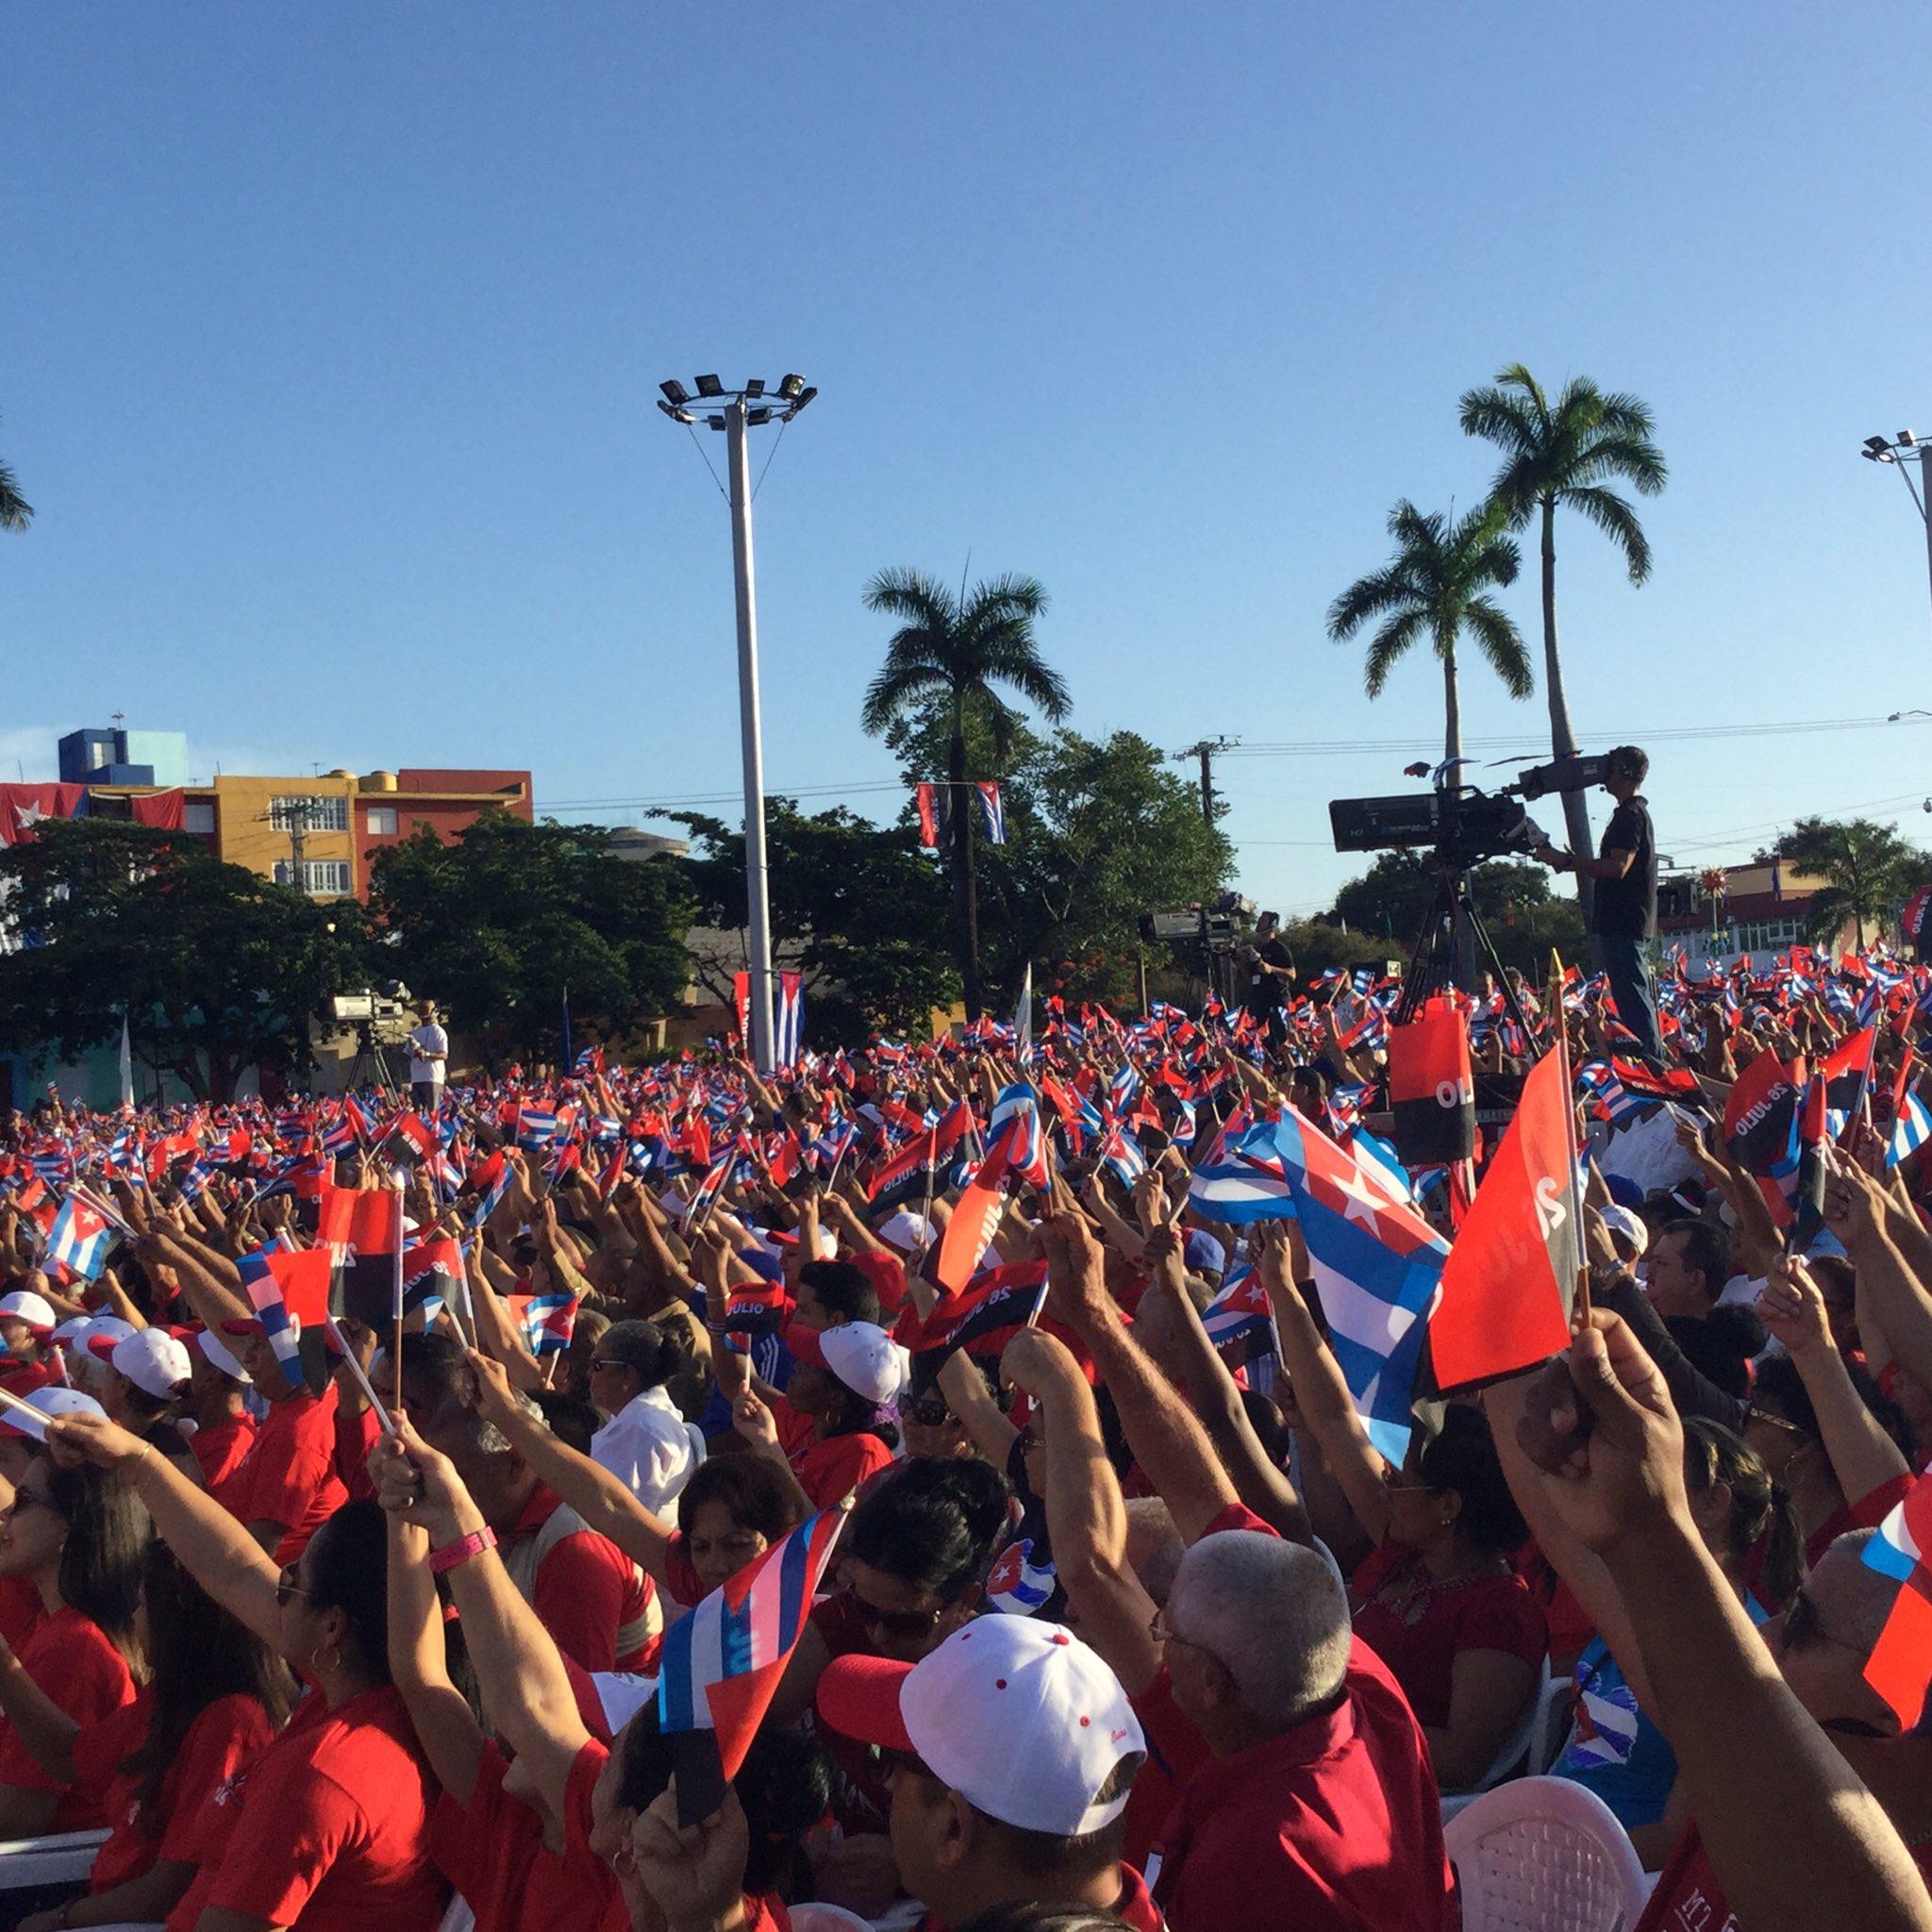 Concluye el acto central nacional a propósito de la efeméride del 26 de Julio. (Foto: Marlys Rodríguez/ Escambray)